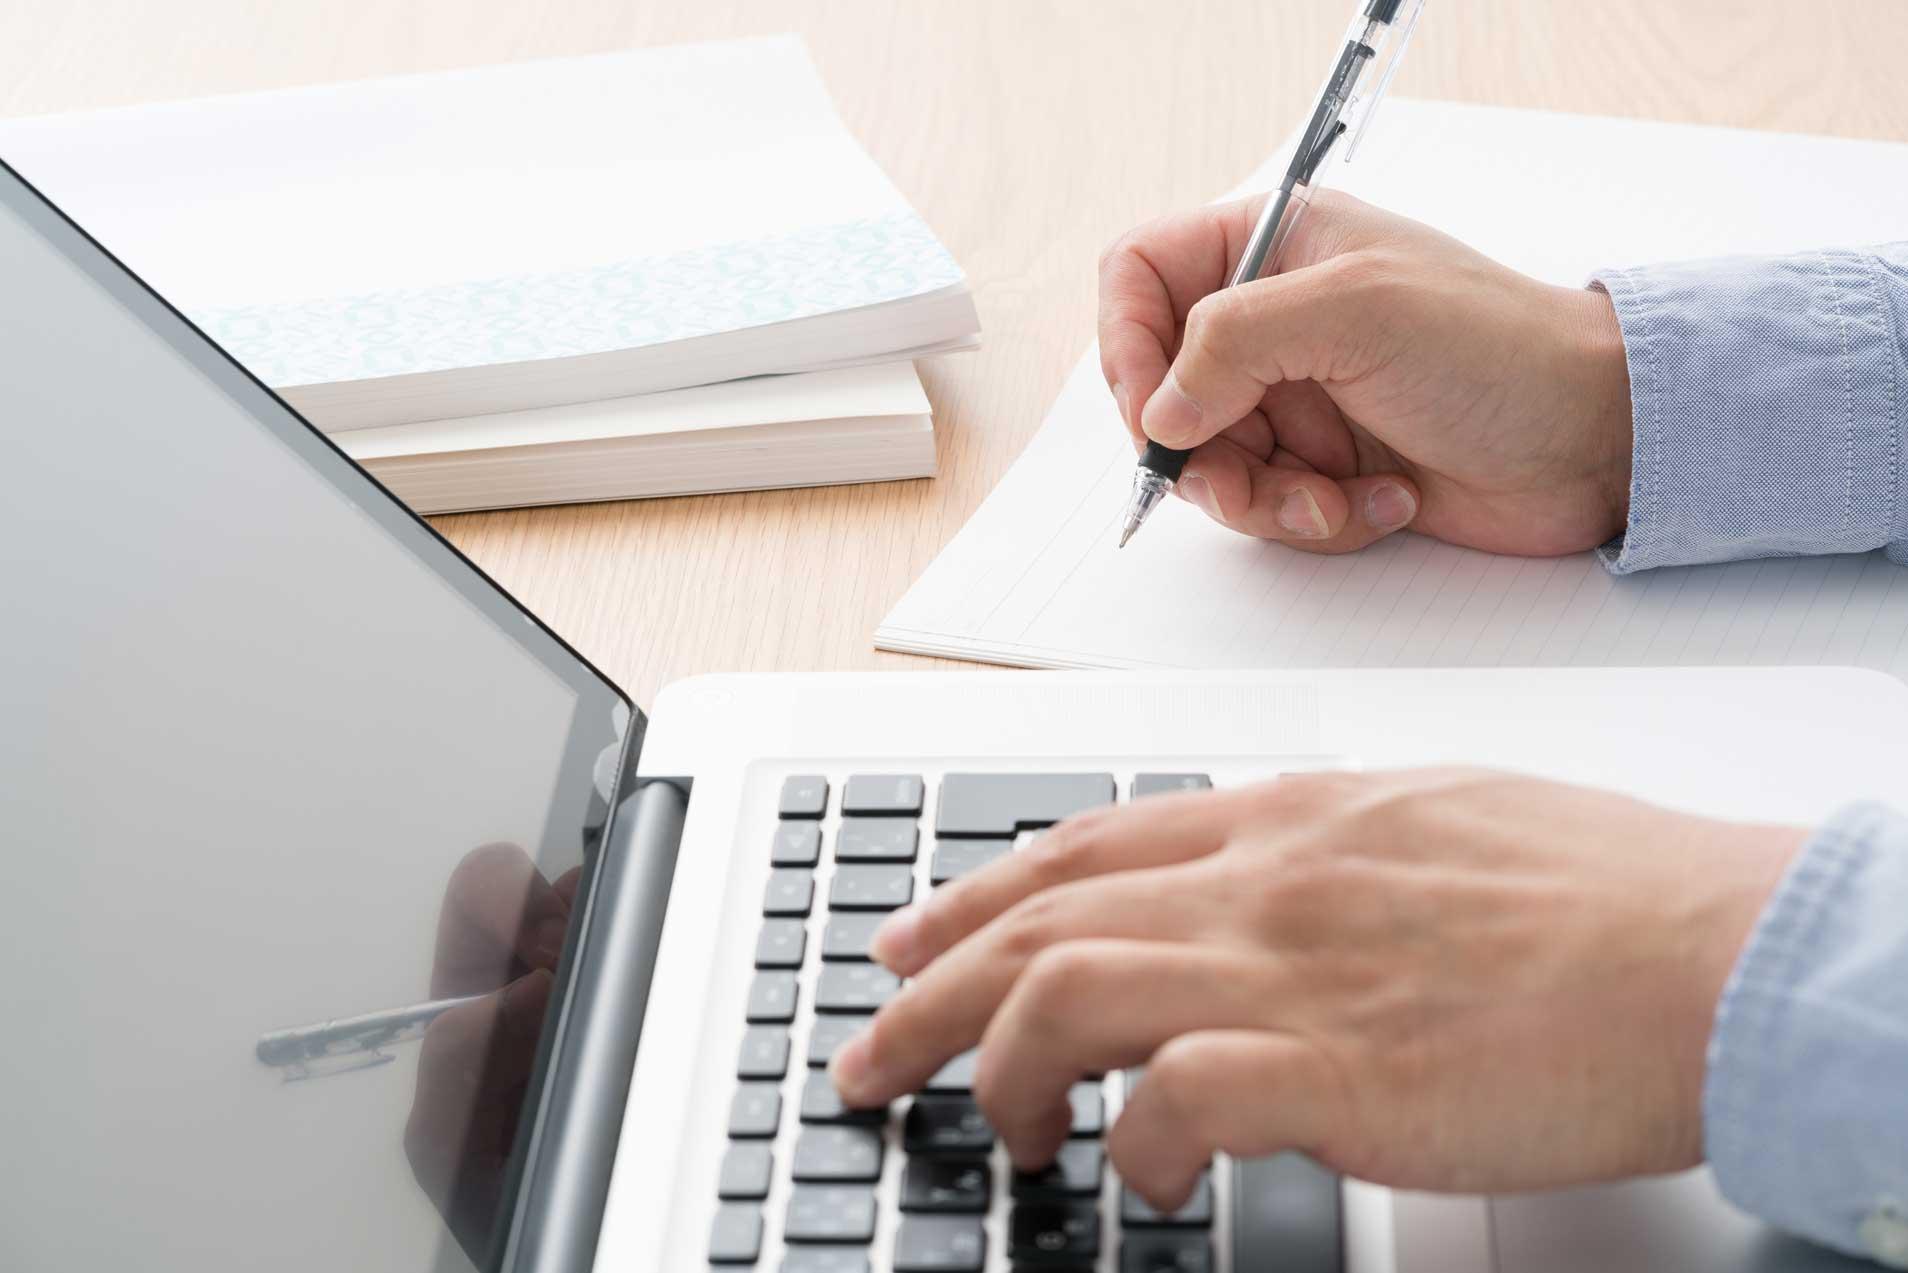 Ein Mitarbeiter sitzt mit dem einem Notizblock und einem Laptop am Schreibtisch. das Bild zeigt eine Nahaufnahme seiner Hände.